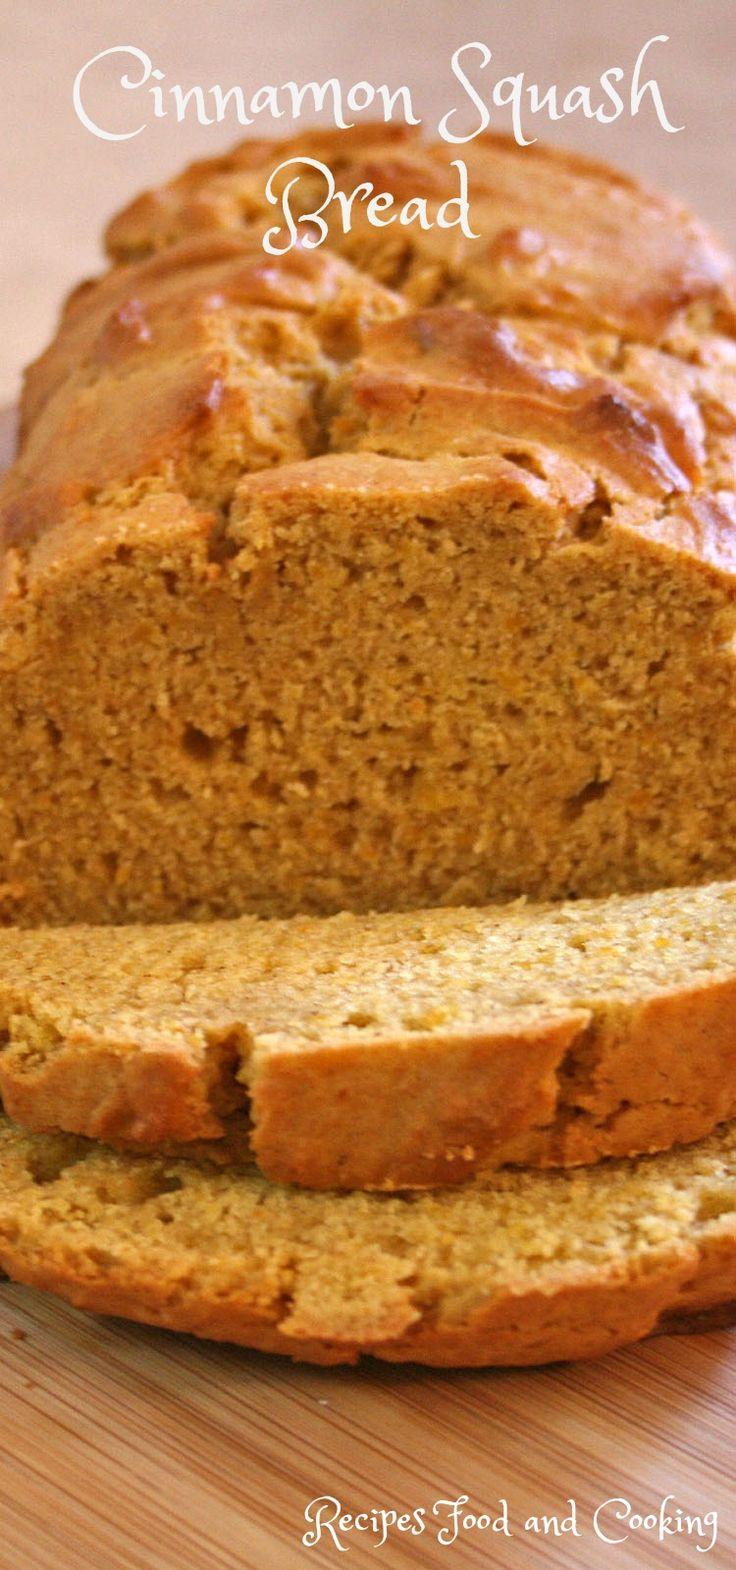 Cinnamon Squash Bread Use up any leftover butternut squash in this easy quick bread recipe for Cinnamon Squash Bread.